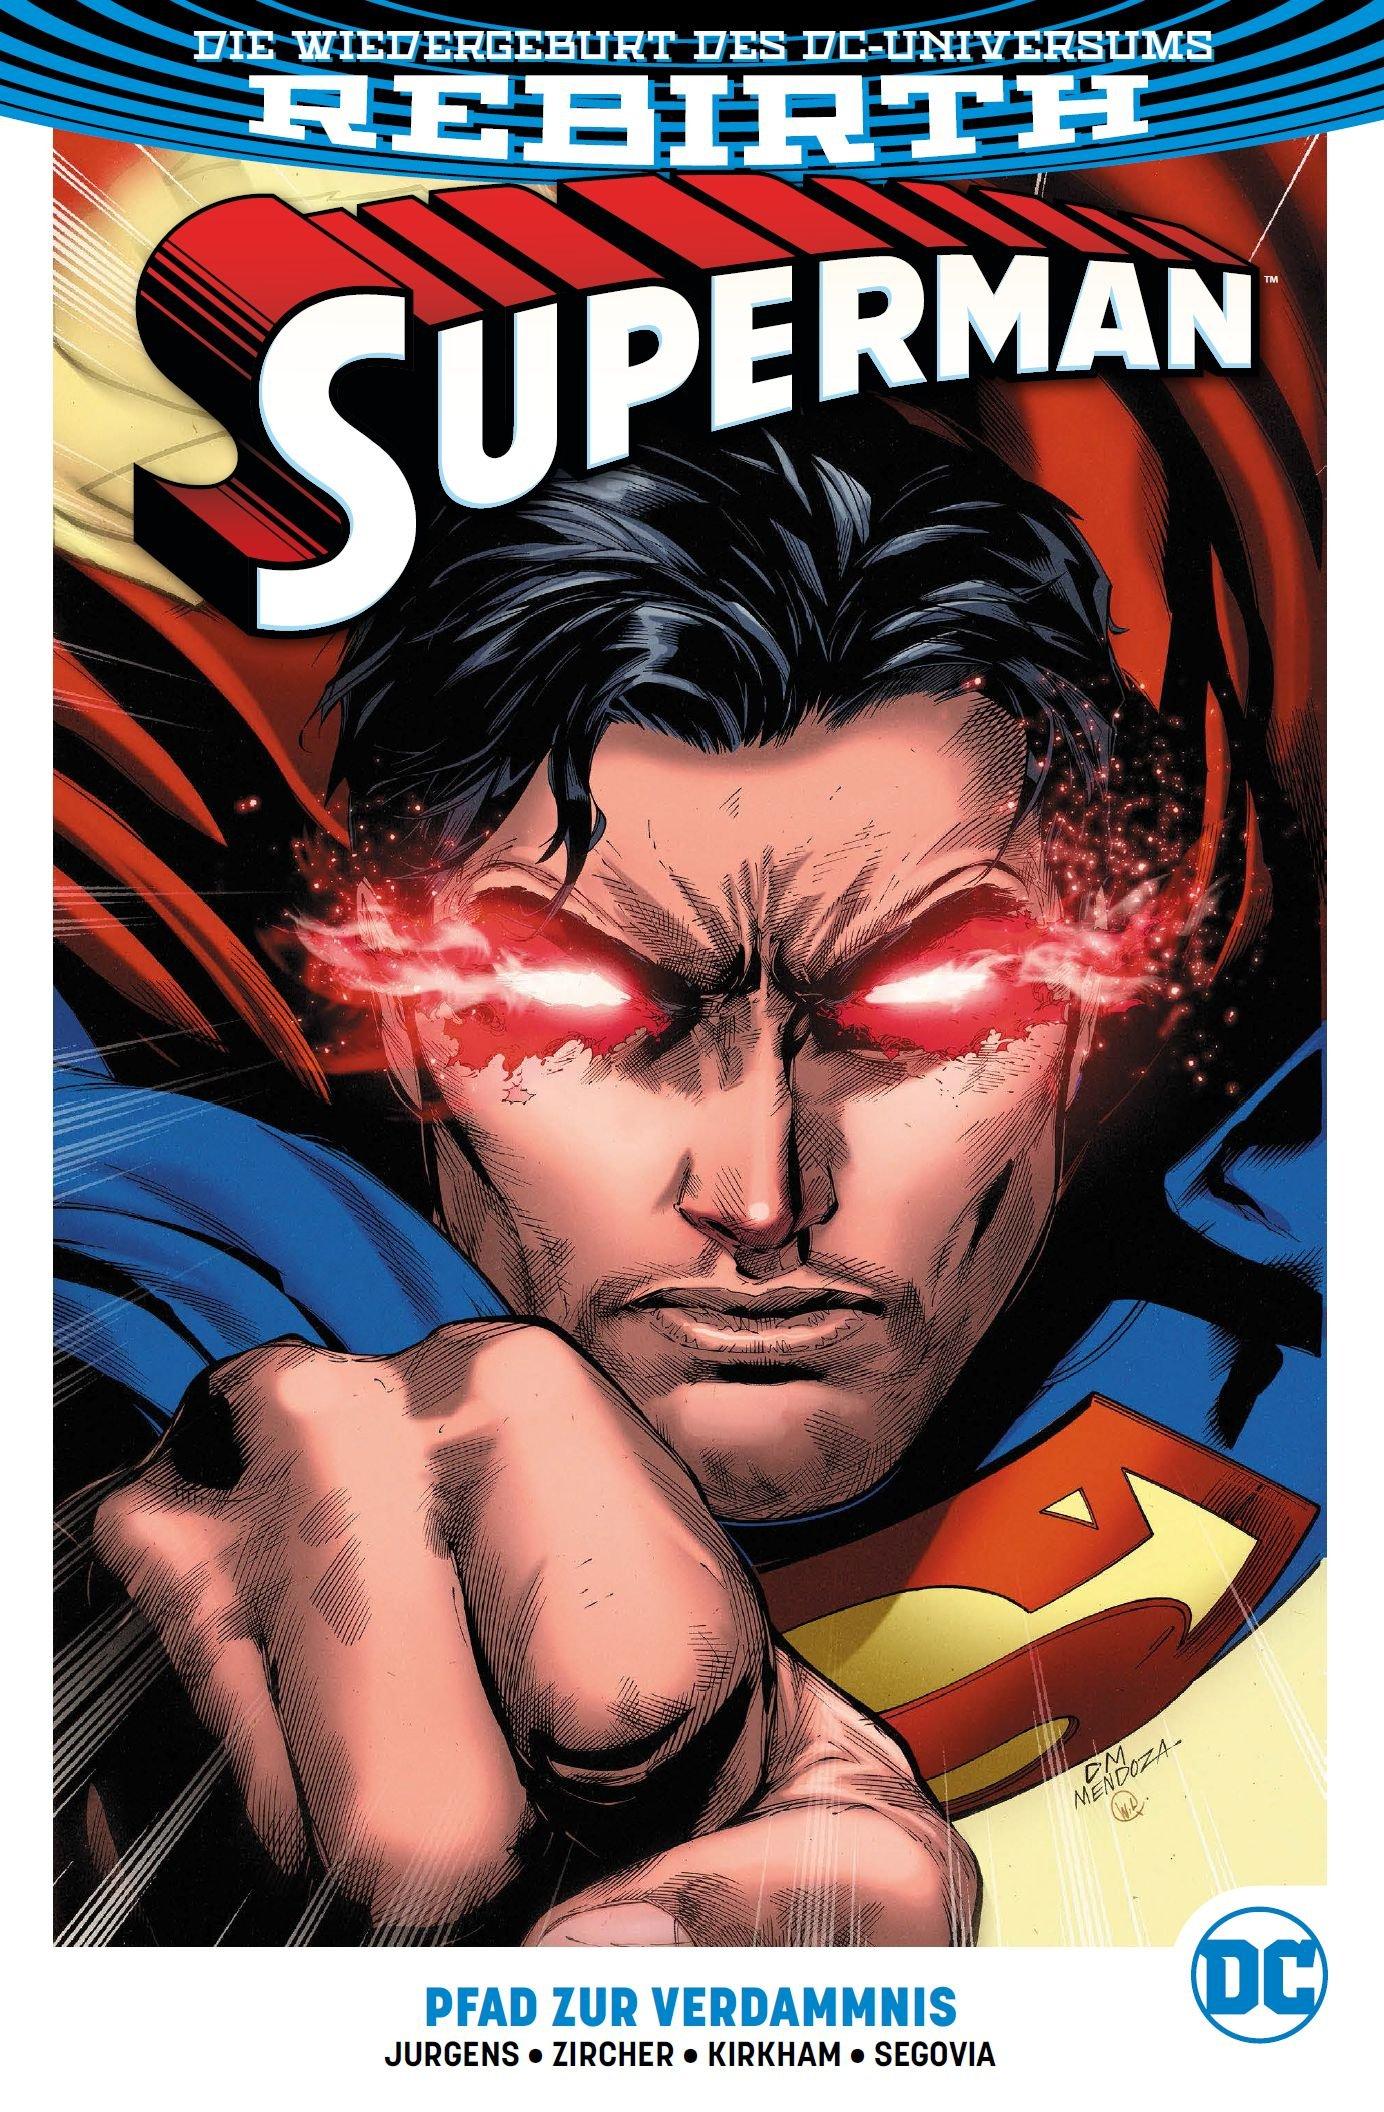 superman-bd-1-2-serie-pfad-zur-verdammnis